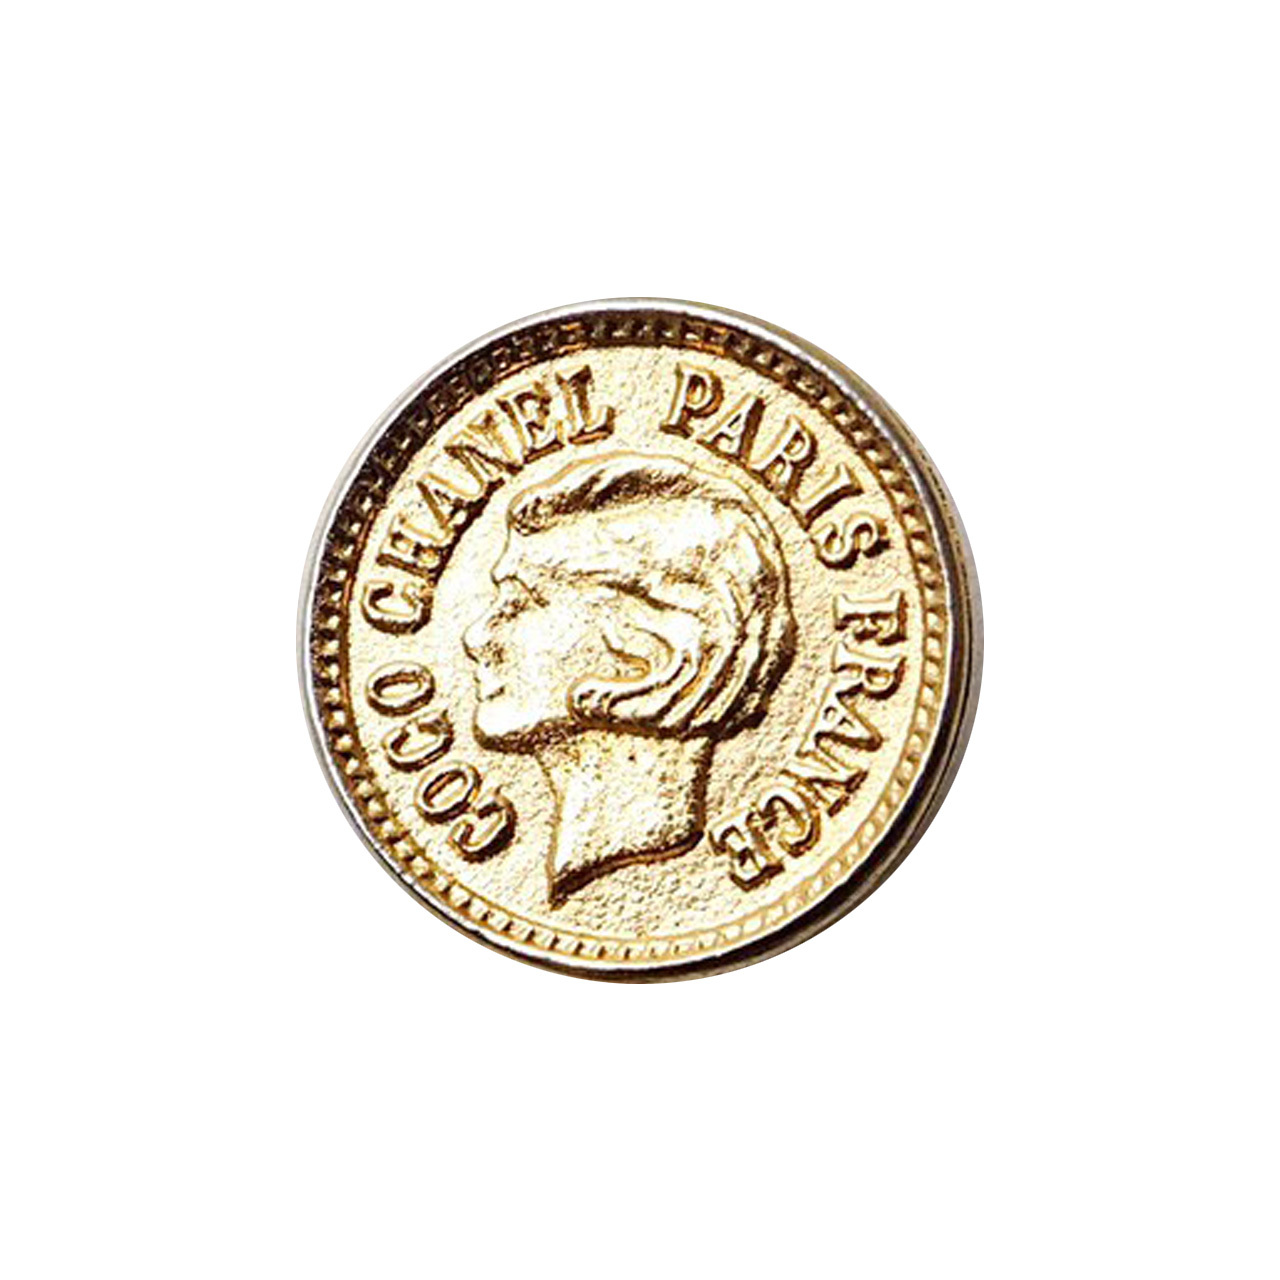 【VINTAGE CHANEL BUTTON】ゴールド コイン ココ・シャネル ボタン 18mm